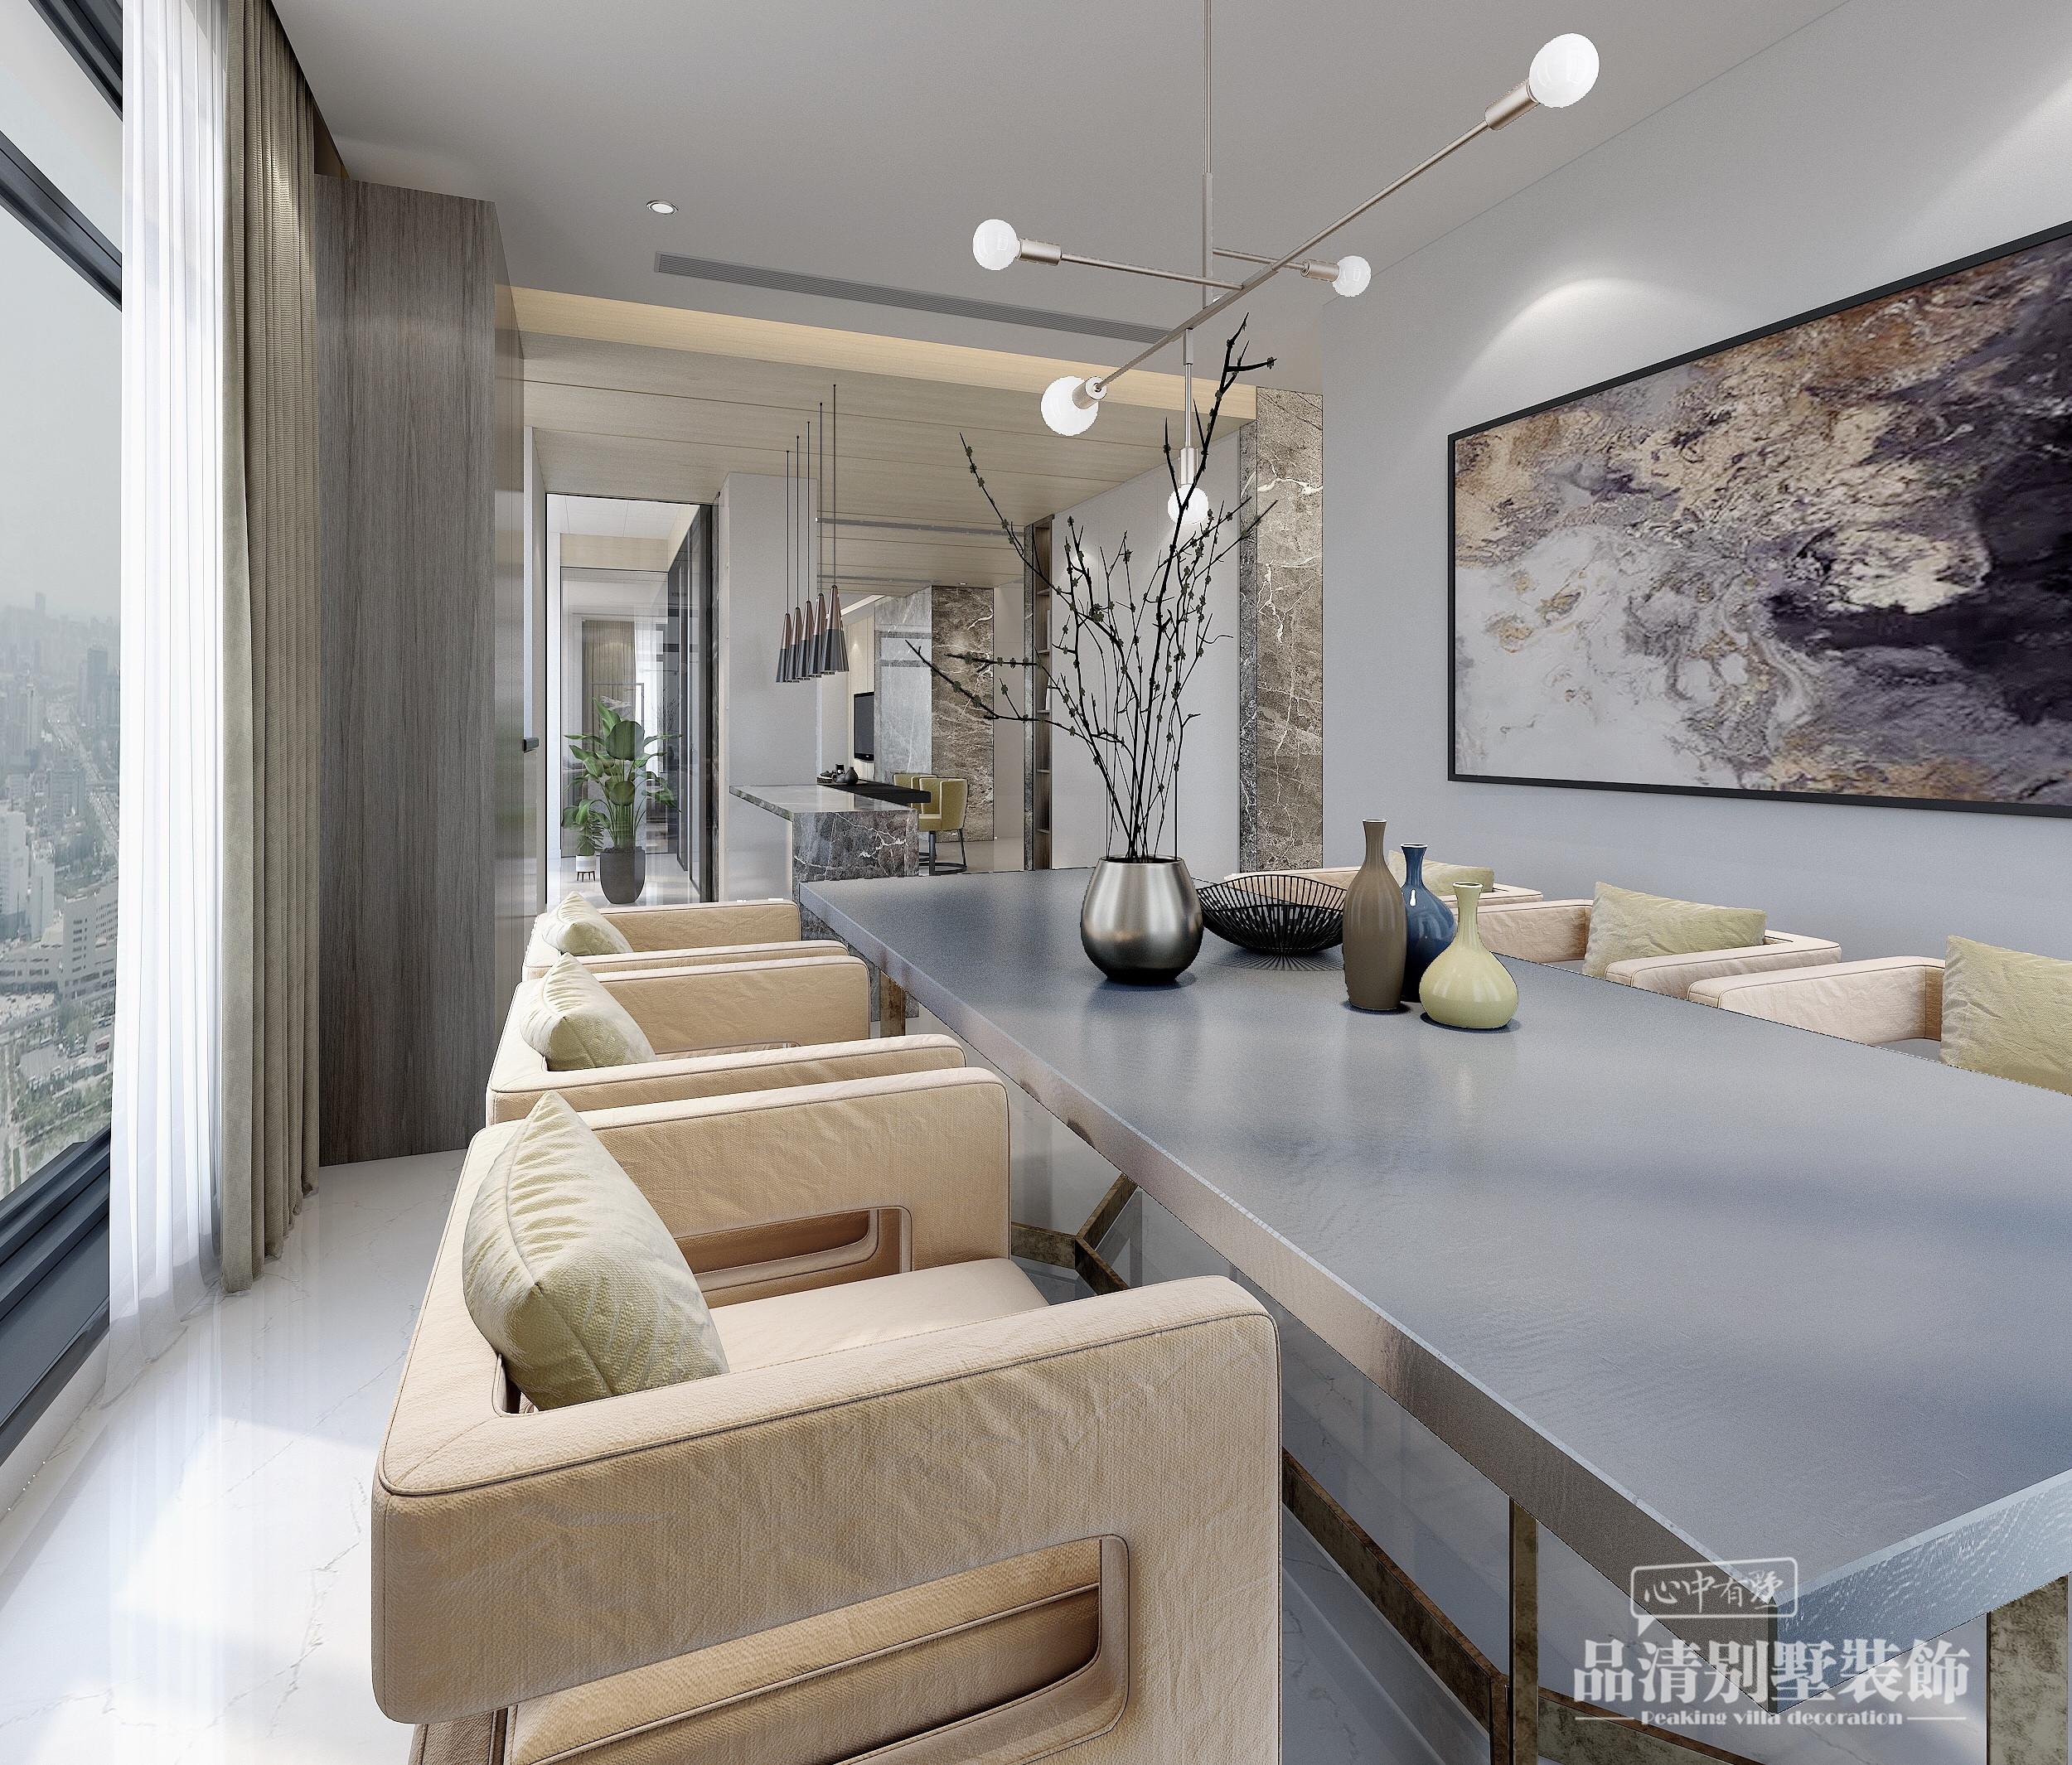 别墅装修 别墅设计 无锡别墅 装修设计 现代风格图片来自别墅装修设计师在香樟园280㎡现代风格的分享